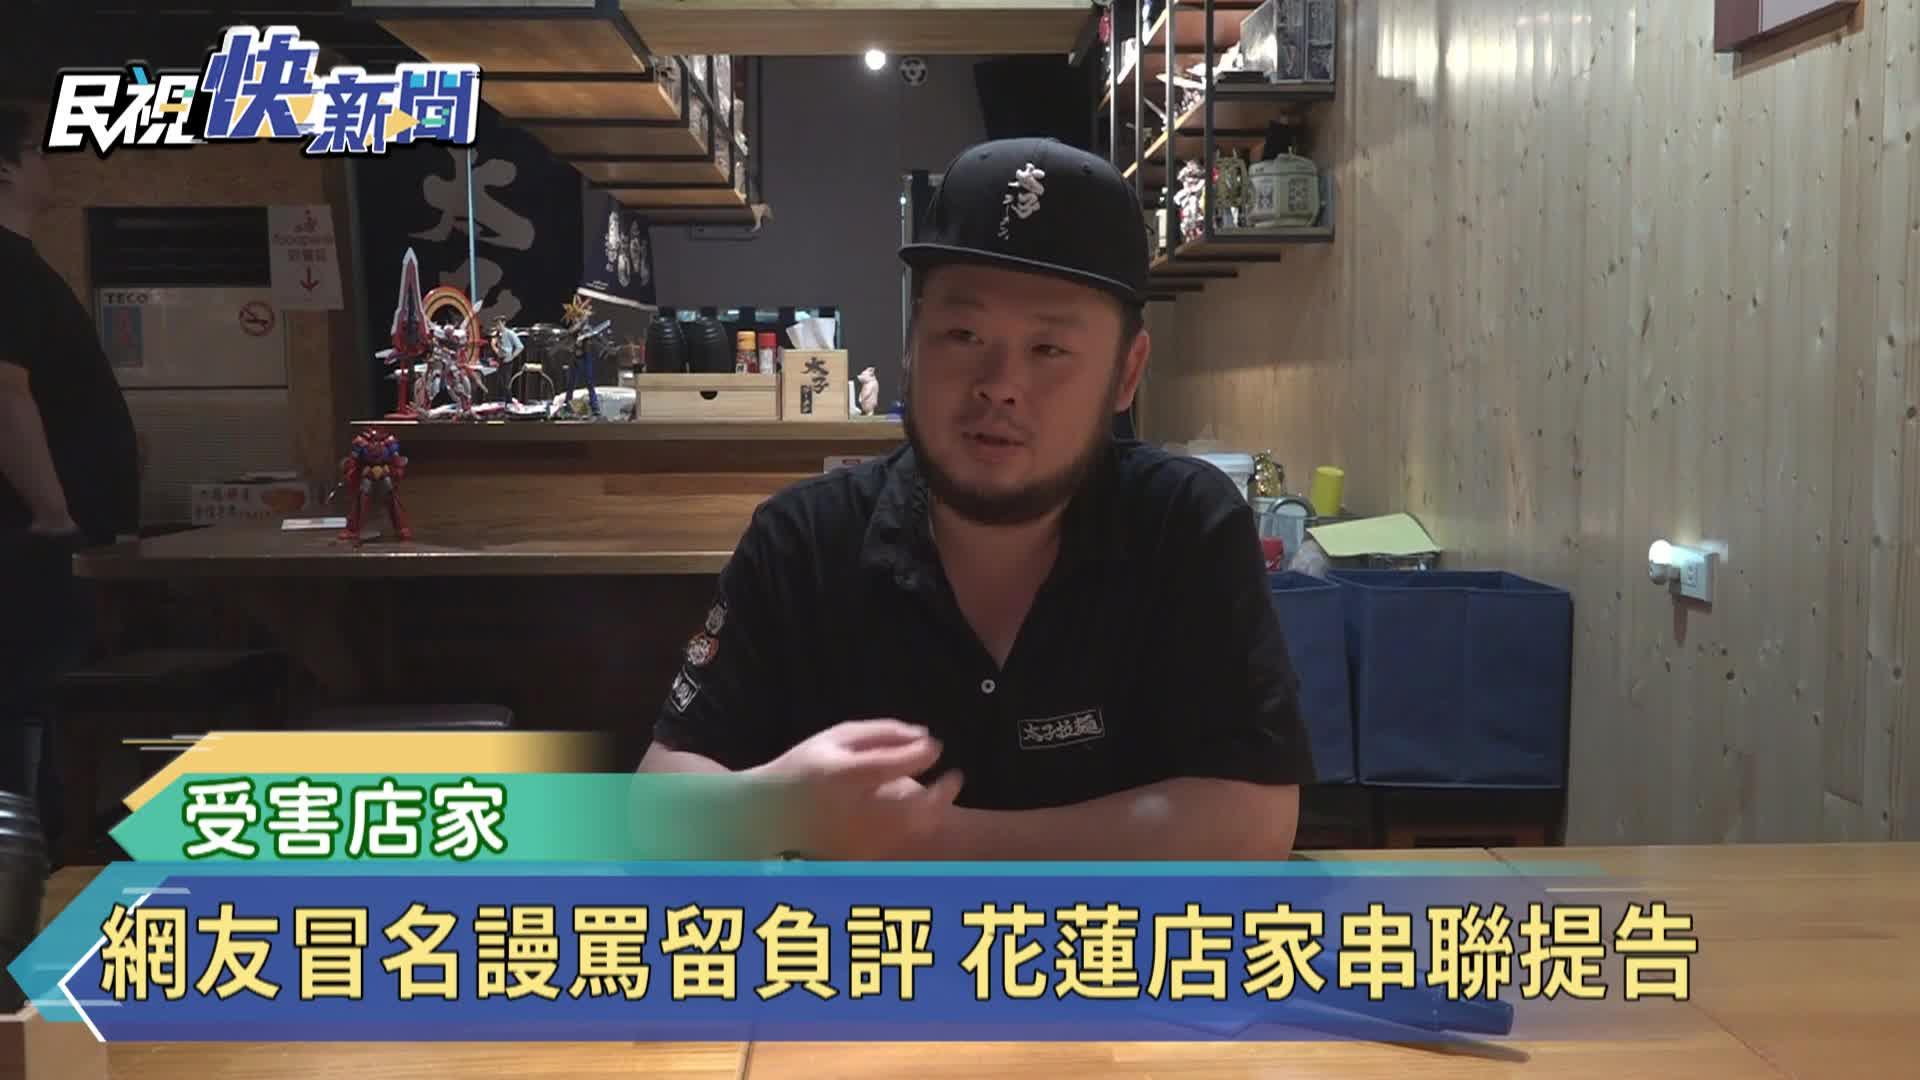 網友冒名謾罵留負評 花蓮店家串聯提告